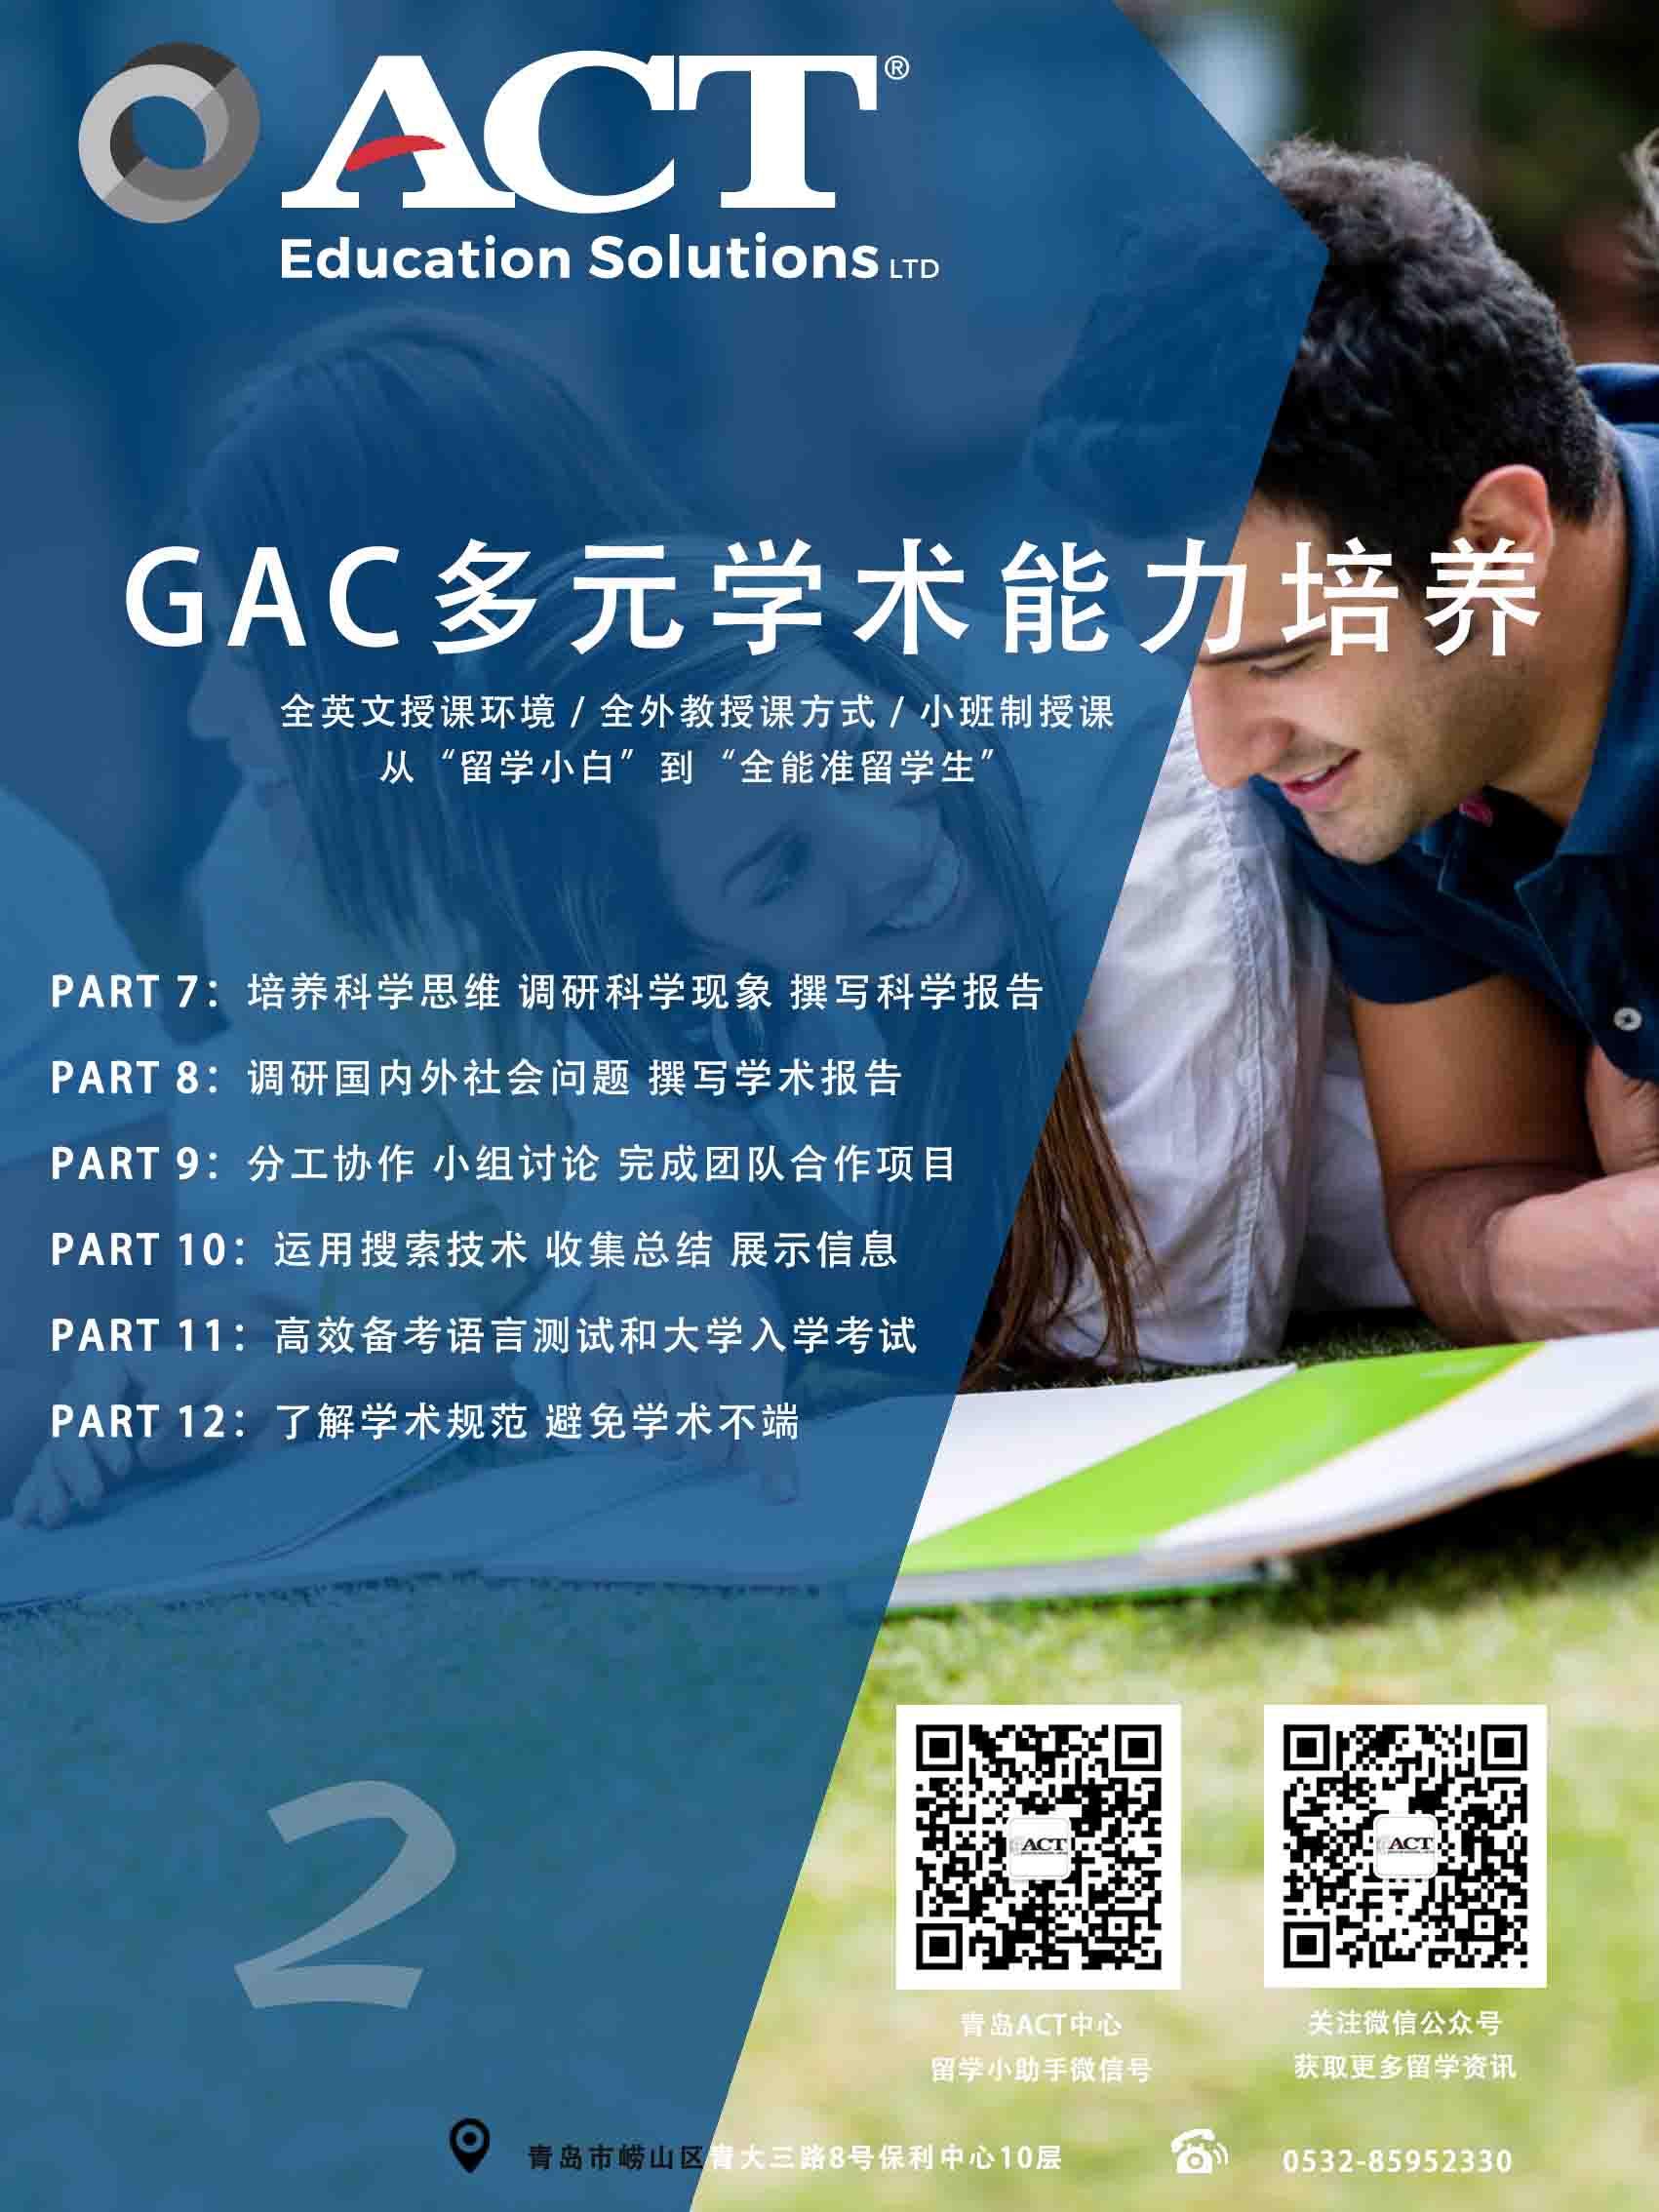 青岛GAC国际预科课程-GAC国际预科课程找蔼士天-专业可靠